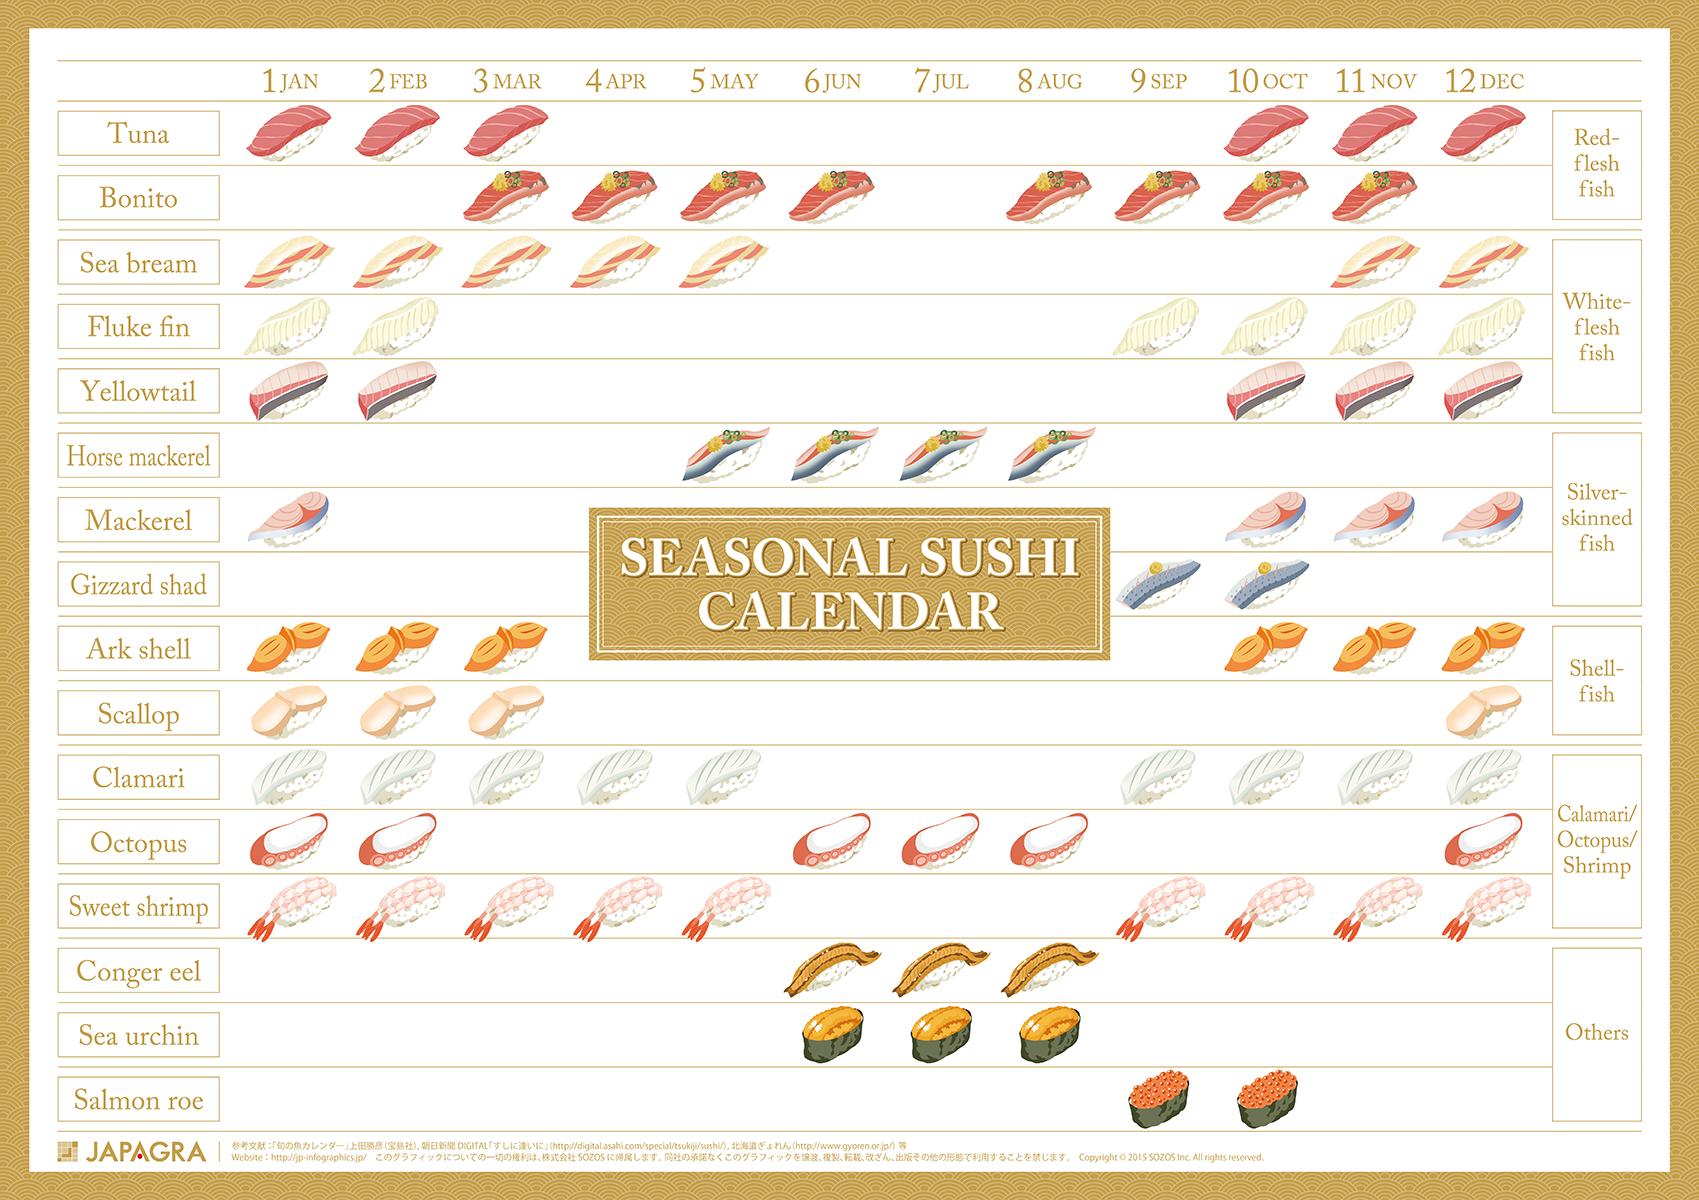 今一番おいしい!がわかる、 旬の寿司ネタカレンダー